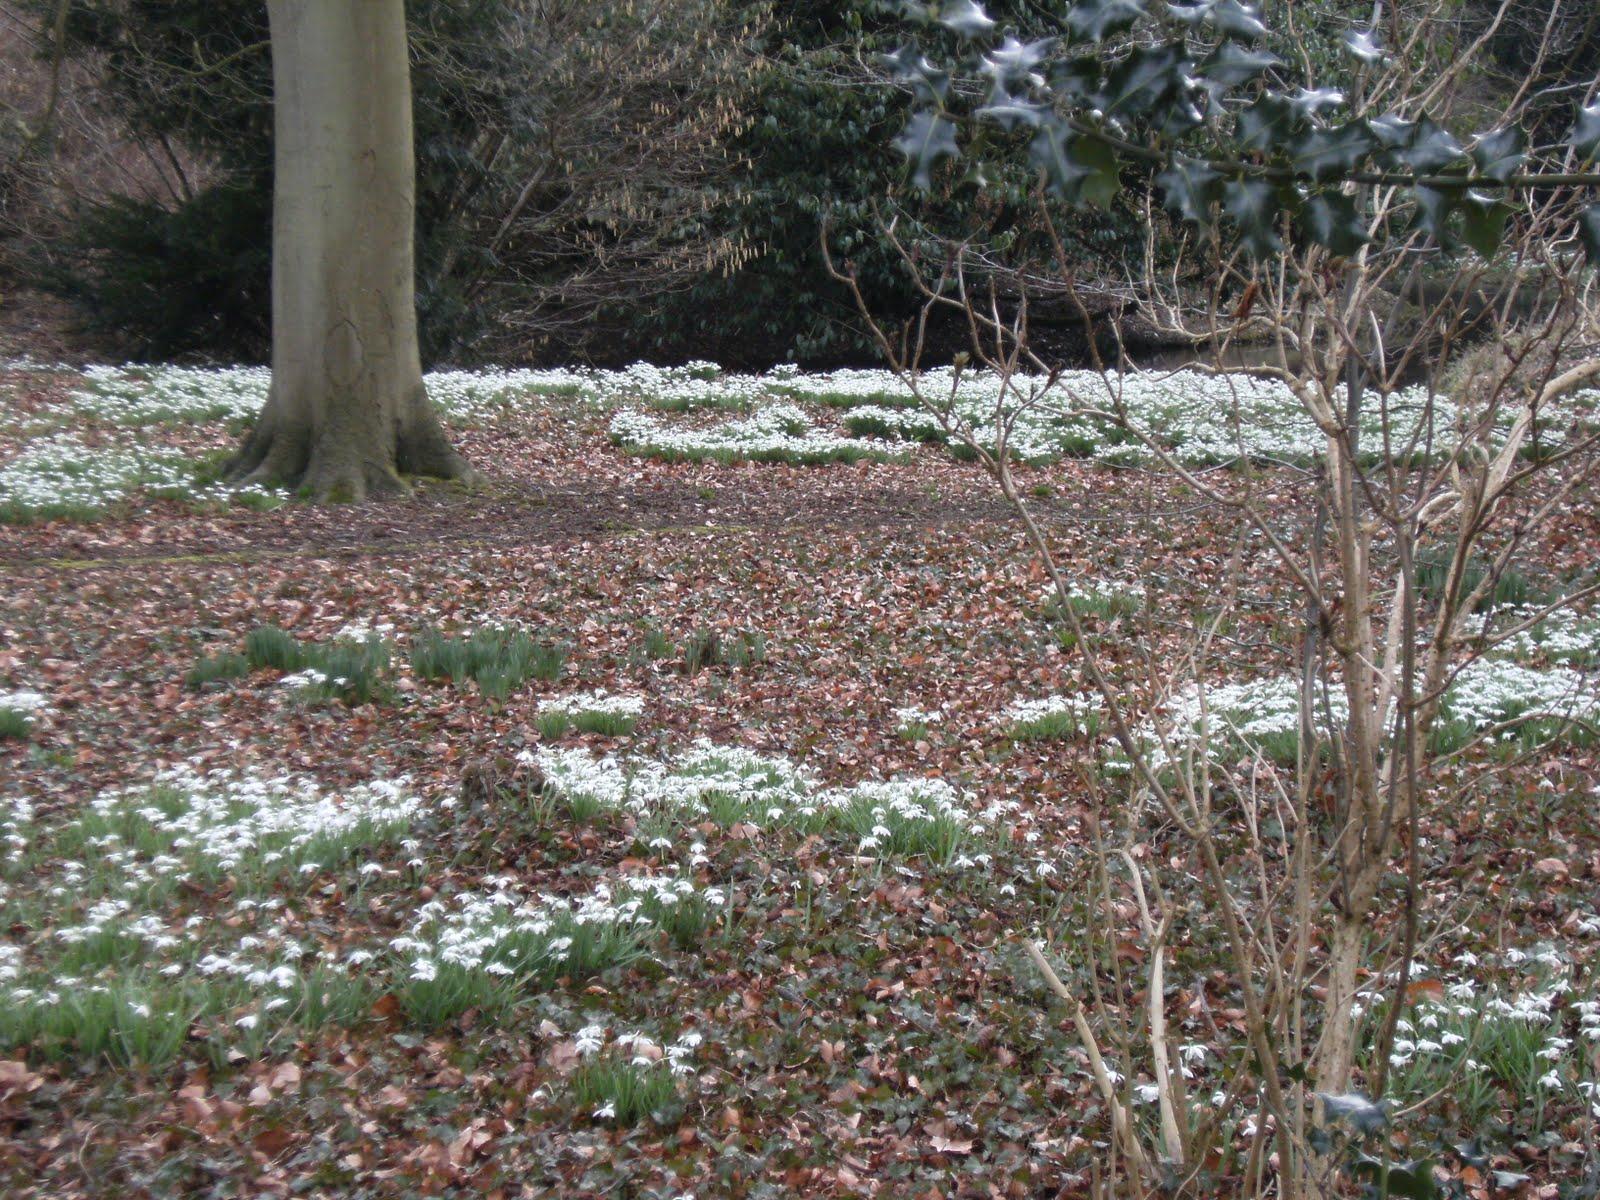 1003130007 Snowdrops in wood near Little Missenden